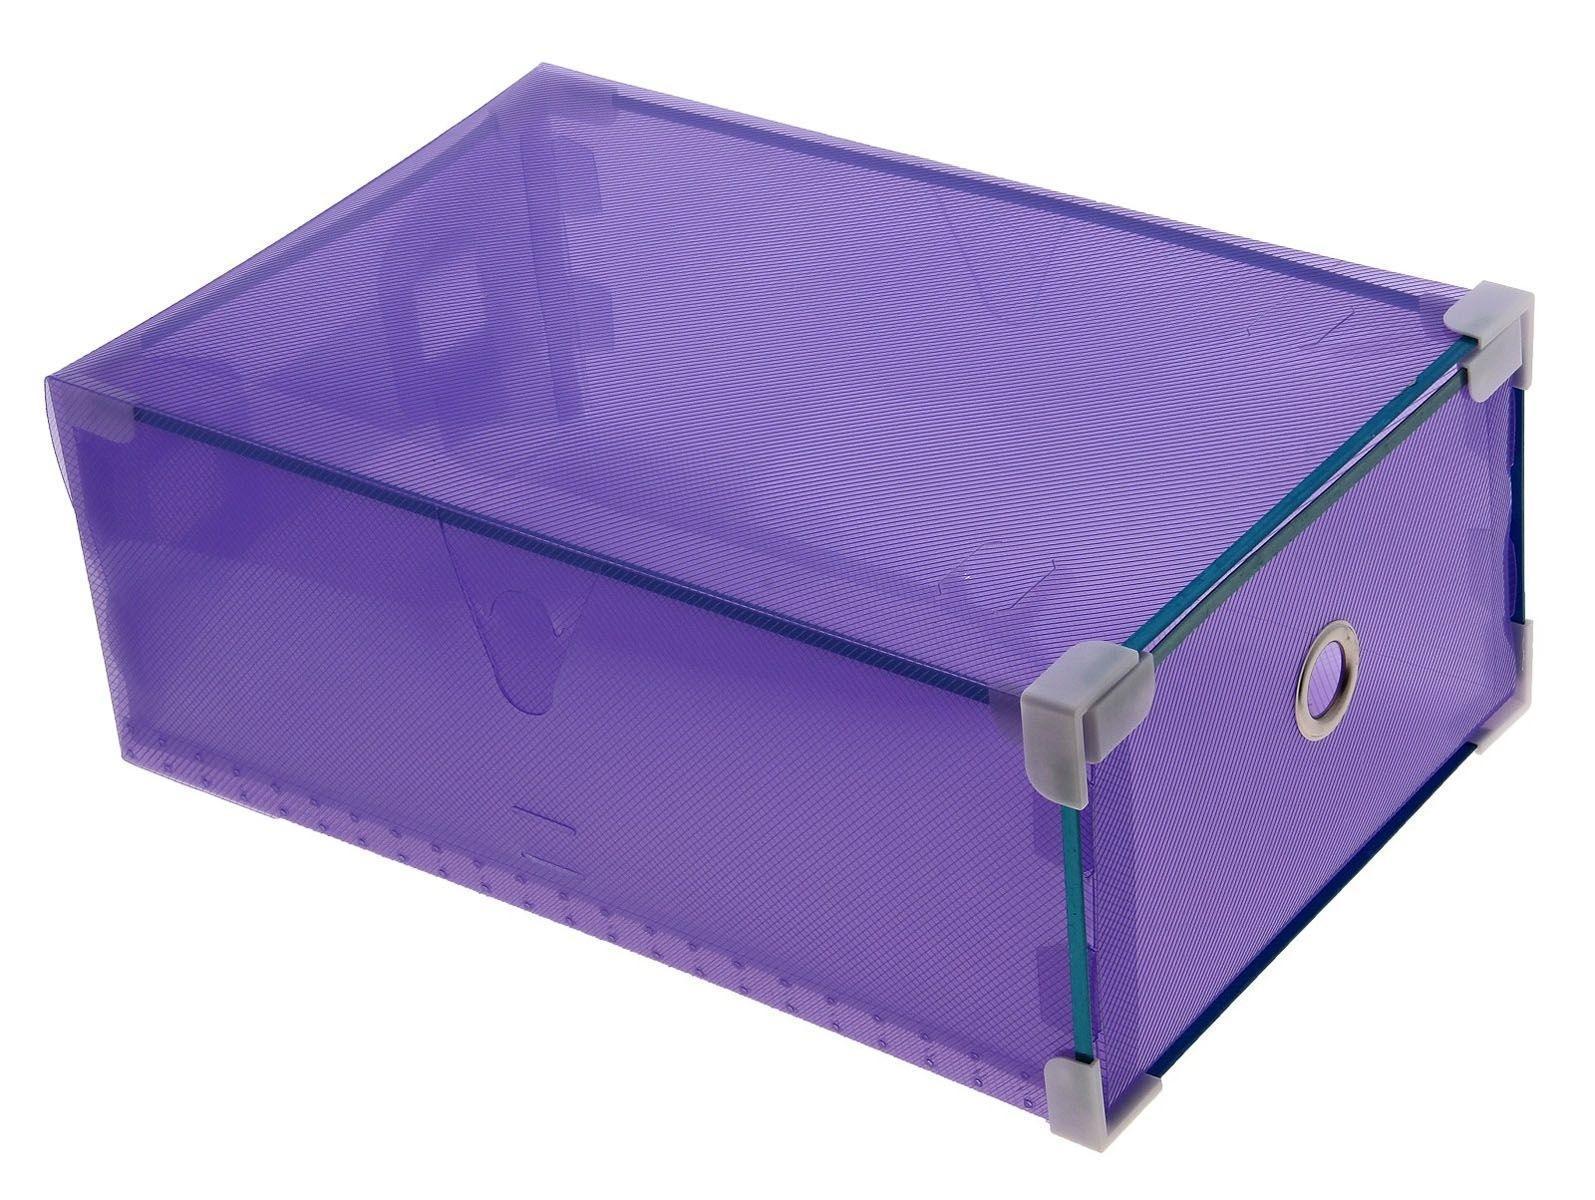 короб для хранения выдвижной 34*22*12см сиреневый 7099706907099700009Коробка для мелочей изготовлена из прочного пластика. Предназначена для хранения мелких бытовых мелочей, принадлежностей для шитья и т.д. Коробка оснащена плотно закрывающейся крышкой, которая предотвратит просыпание и потерю мелких вещиц. Коробка для мелочей сохранит ваши вещи в порядке. Материал: Пластик, металл